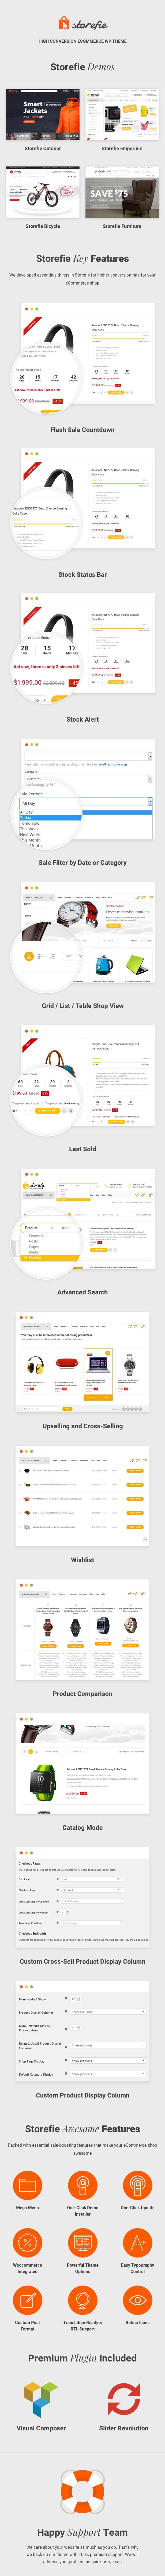 Storefie - Hochkonvertiertes eCommerce WordPress Vorlage - 1